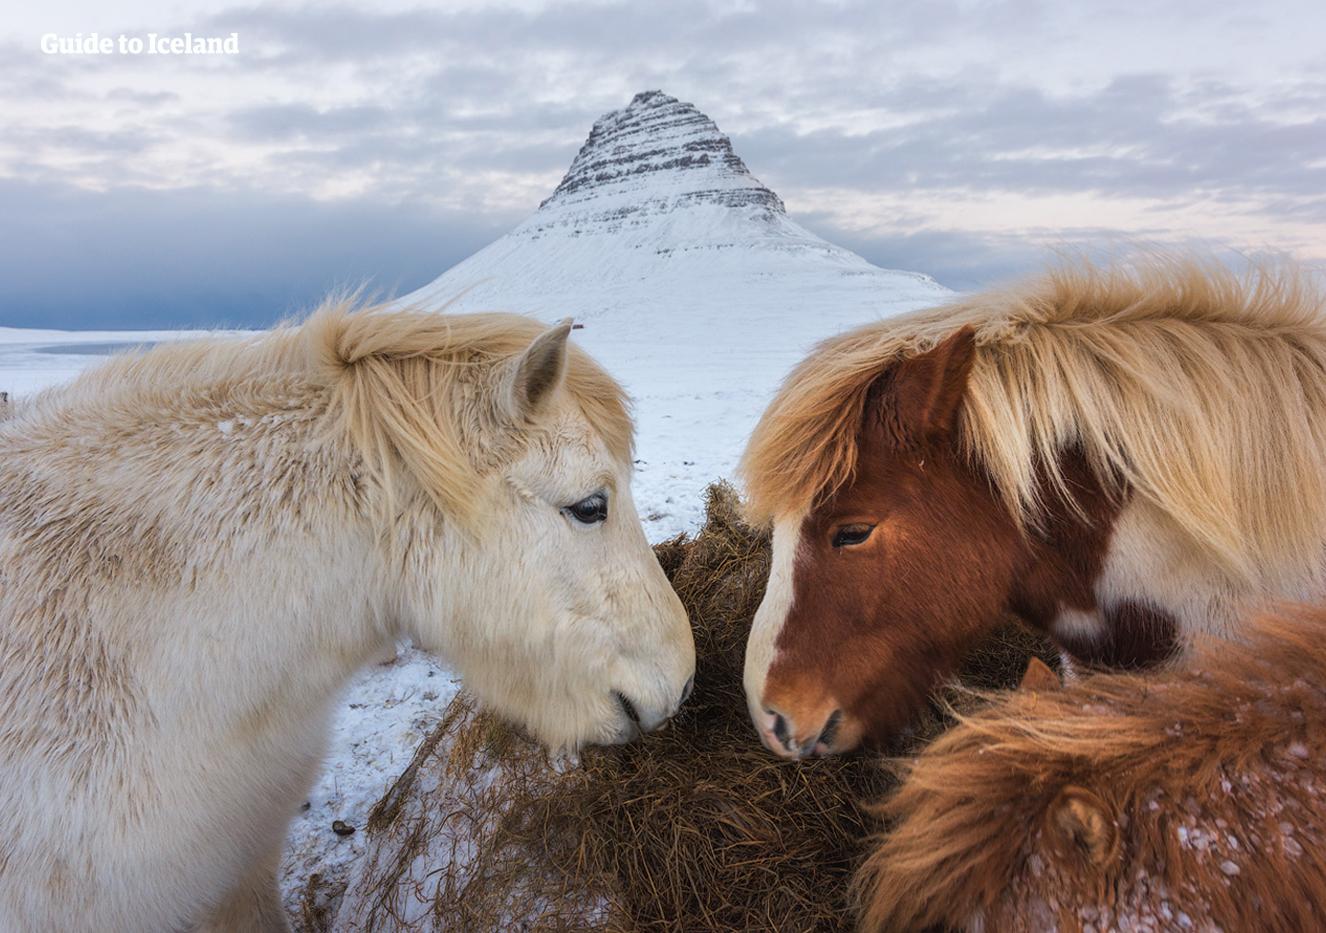 IJslandse paarden en de iconische berg Kirkjufell op het schiereiland Snæfellsnes.